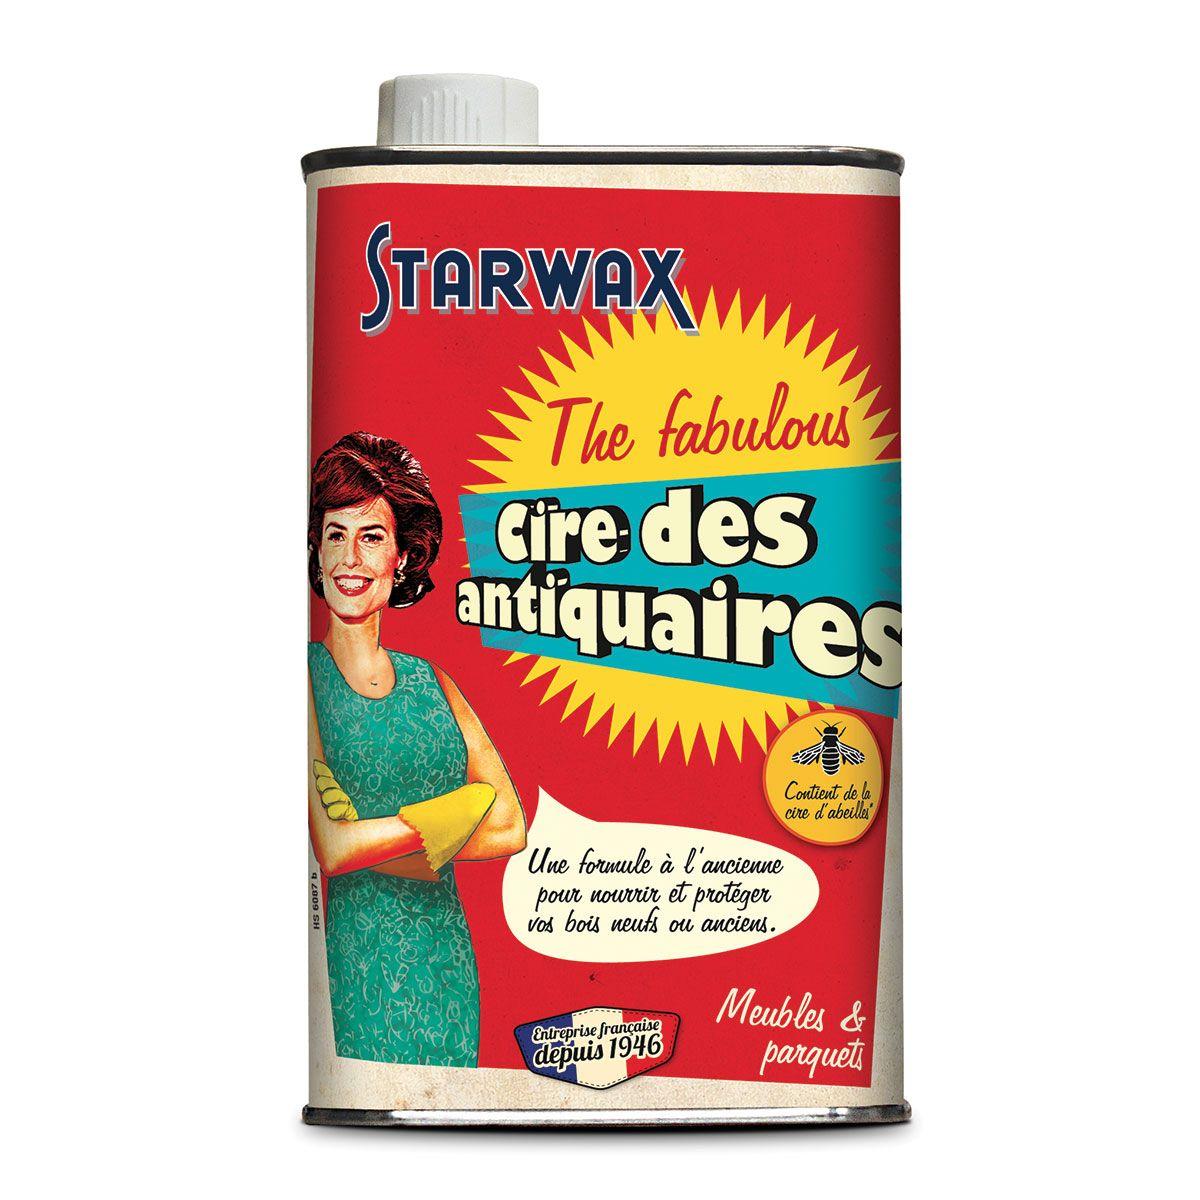 Cire des antiquaires liquide - Starwax The Fabulous